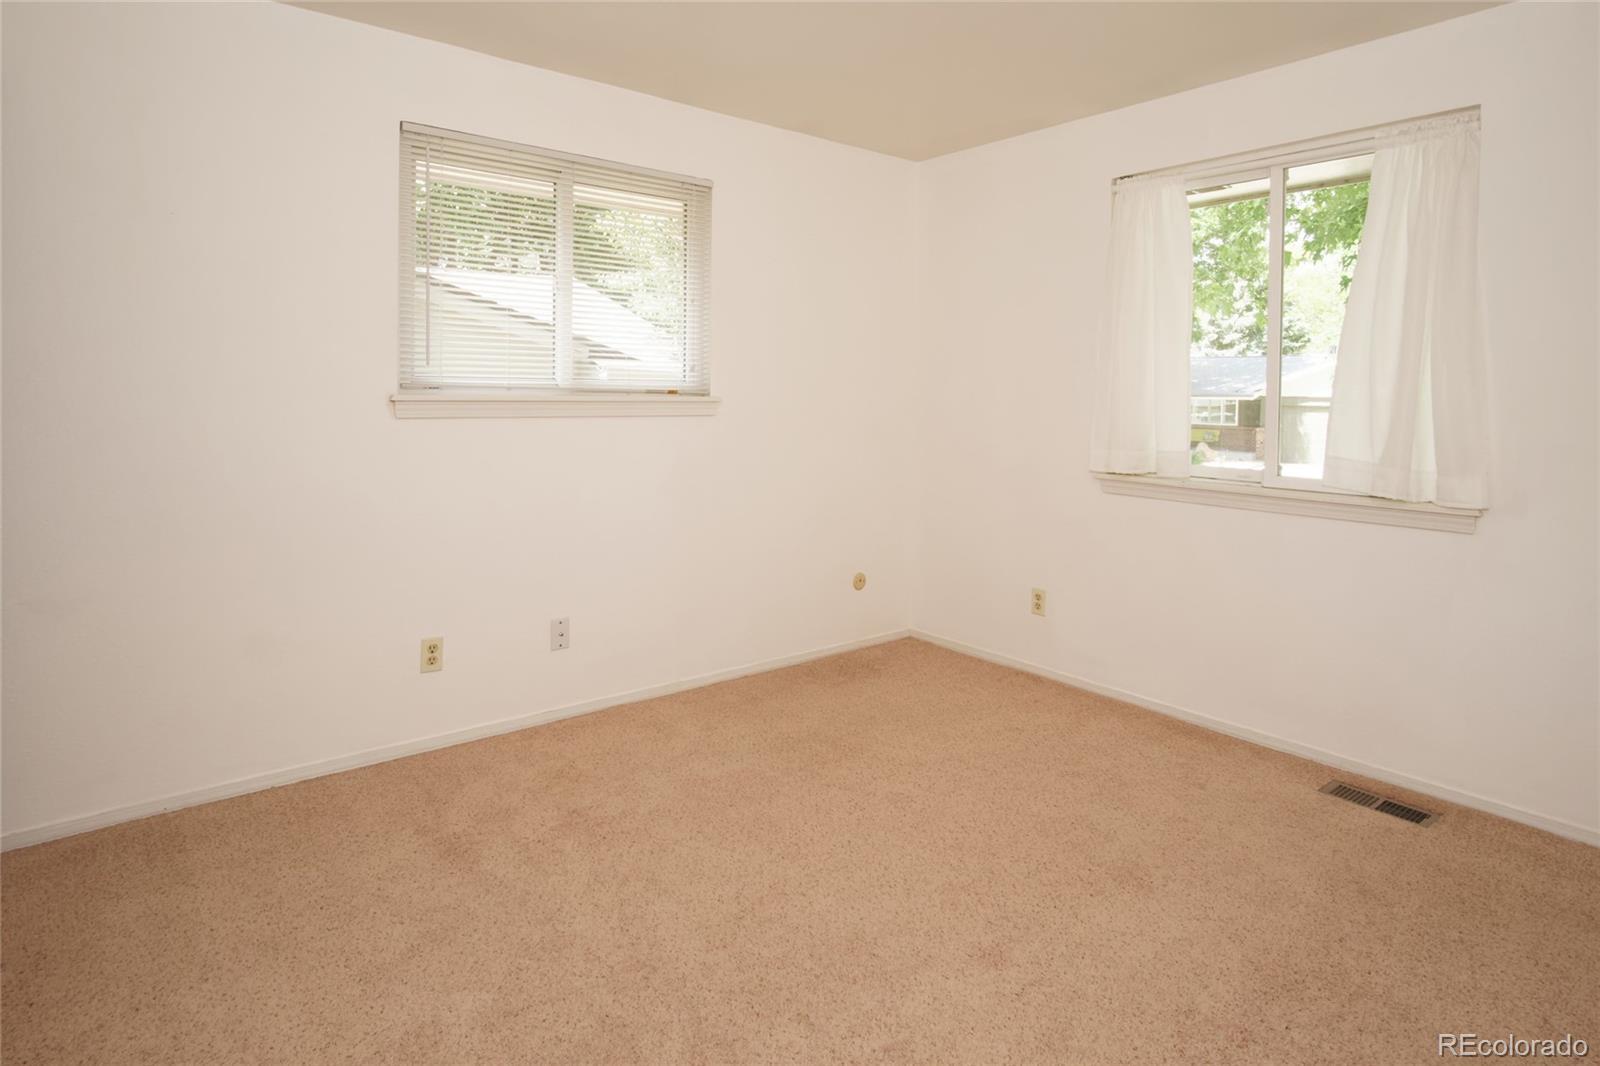 MLS# 5595766 - 14 - 2616 S Flower Street, Lakewood, CO 80227